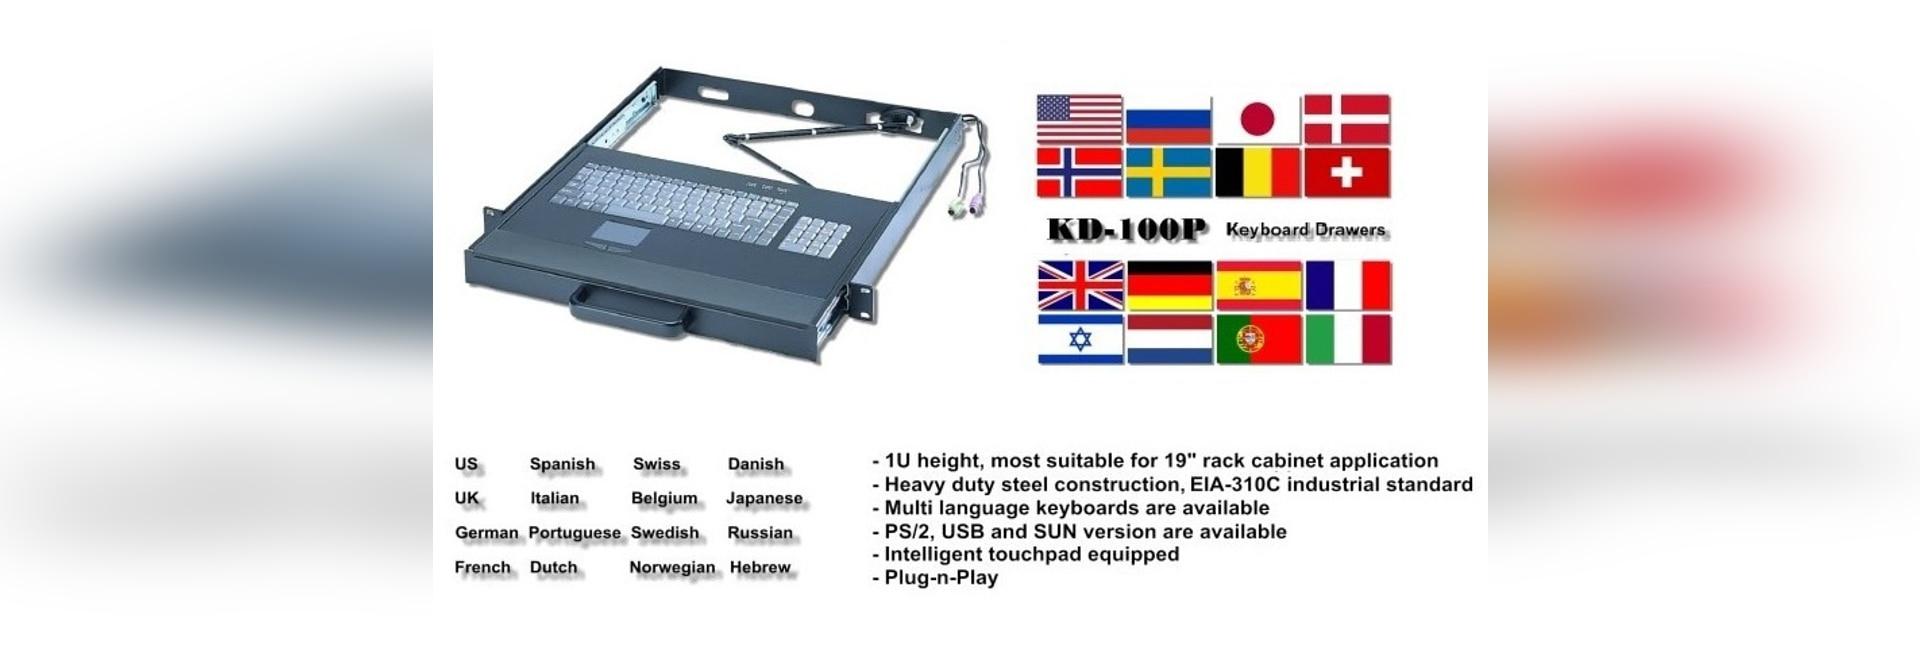 KD-100P: cajón industrial del teclado 1U